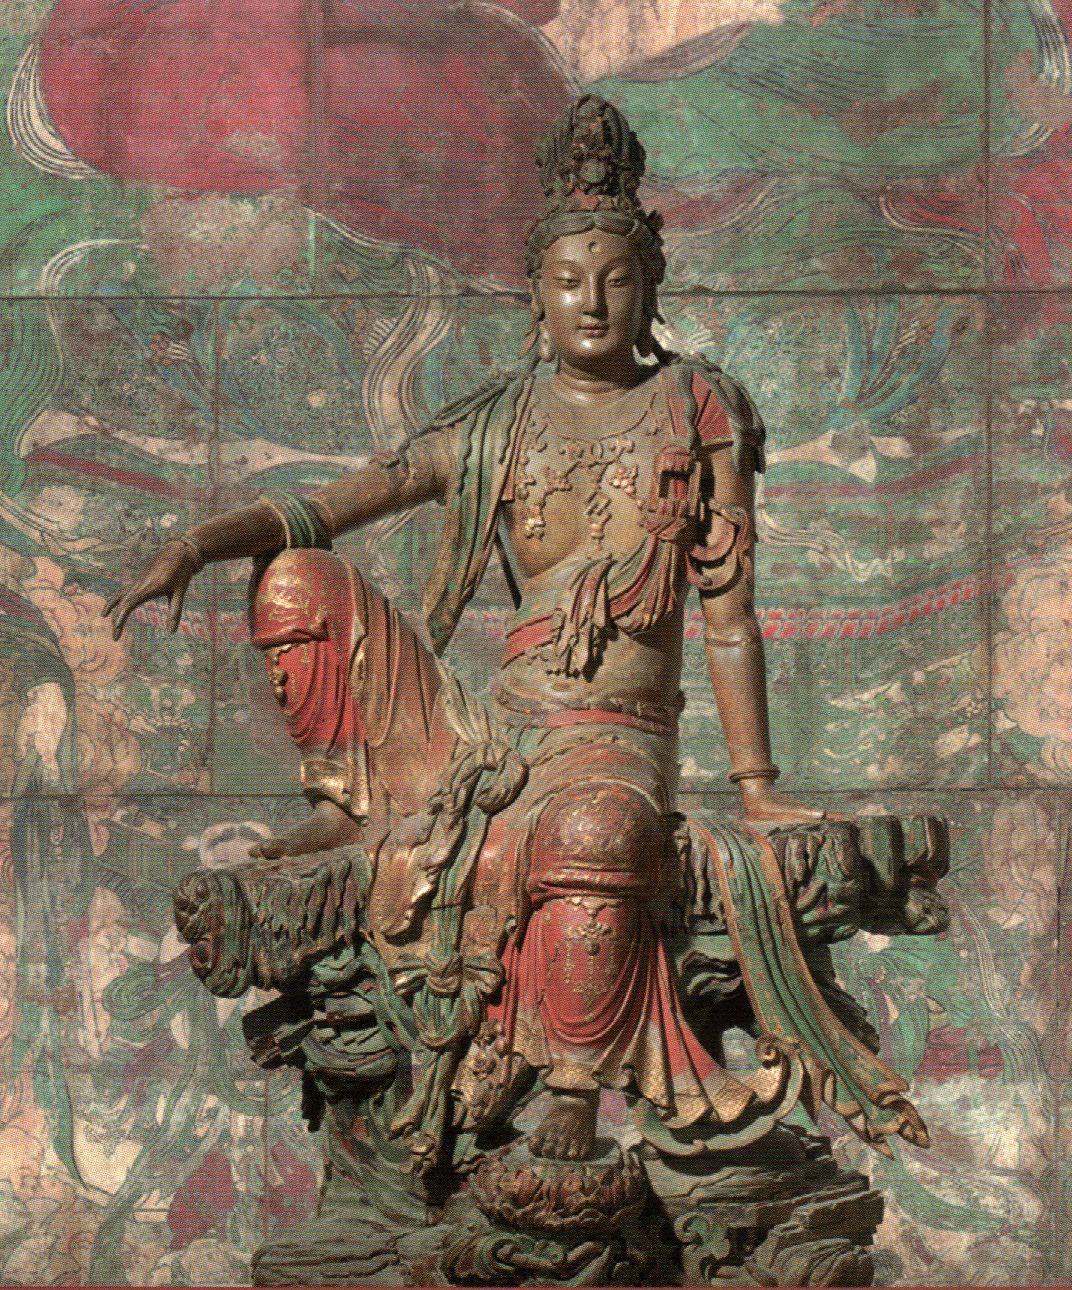 Shantideva, Bodhisattvacharyavatara, VIII, 167: Mente mia, questo è il modo di agire! Se non ti impegni per il bene degli altri tramite gli antidoti della consapevolezza e della vigilanza io ti domerò, se trasgredisci questa condotta il tuo egoismo ti porterà alla tua fine.